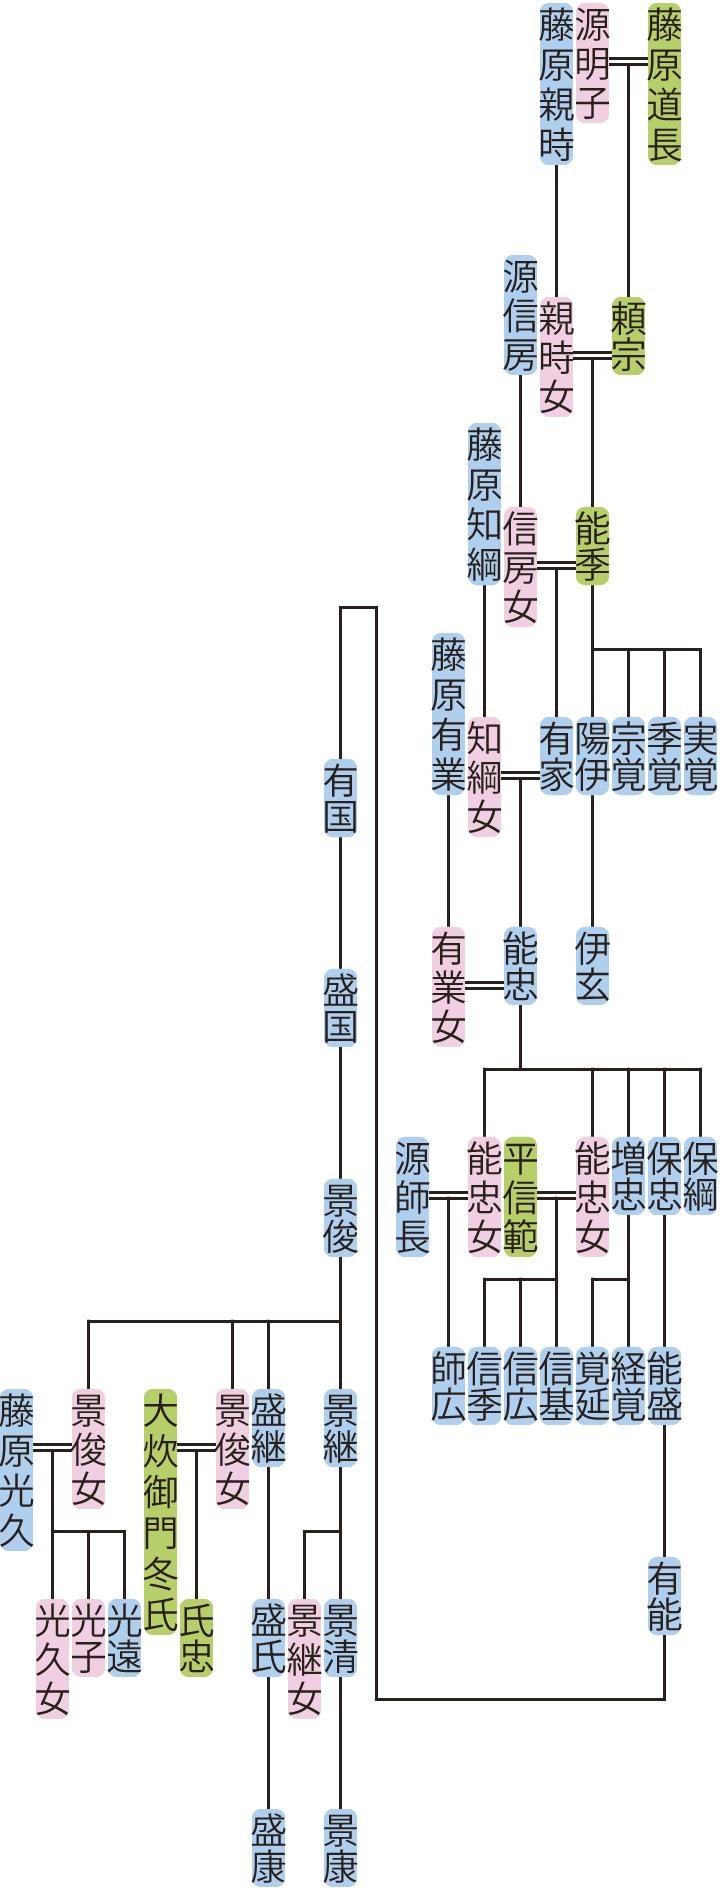 藤原能季の系図